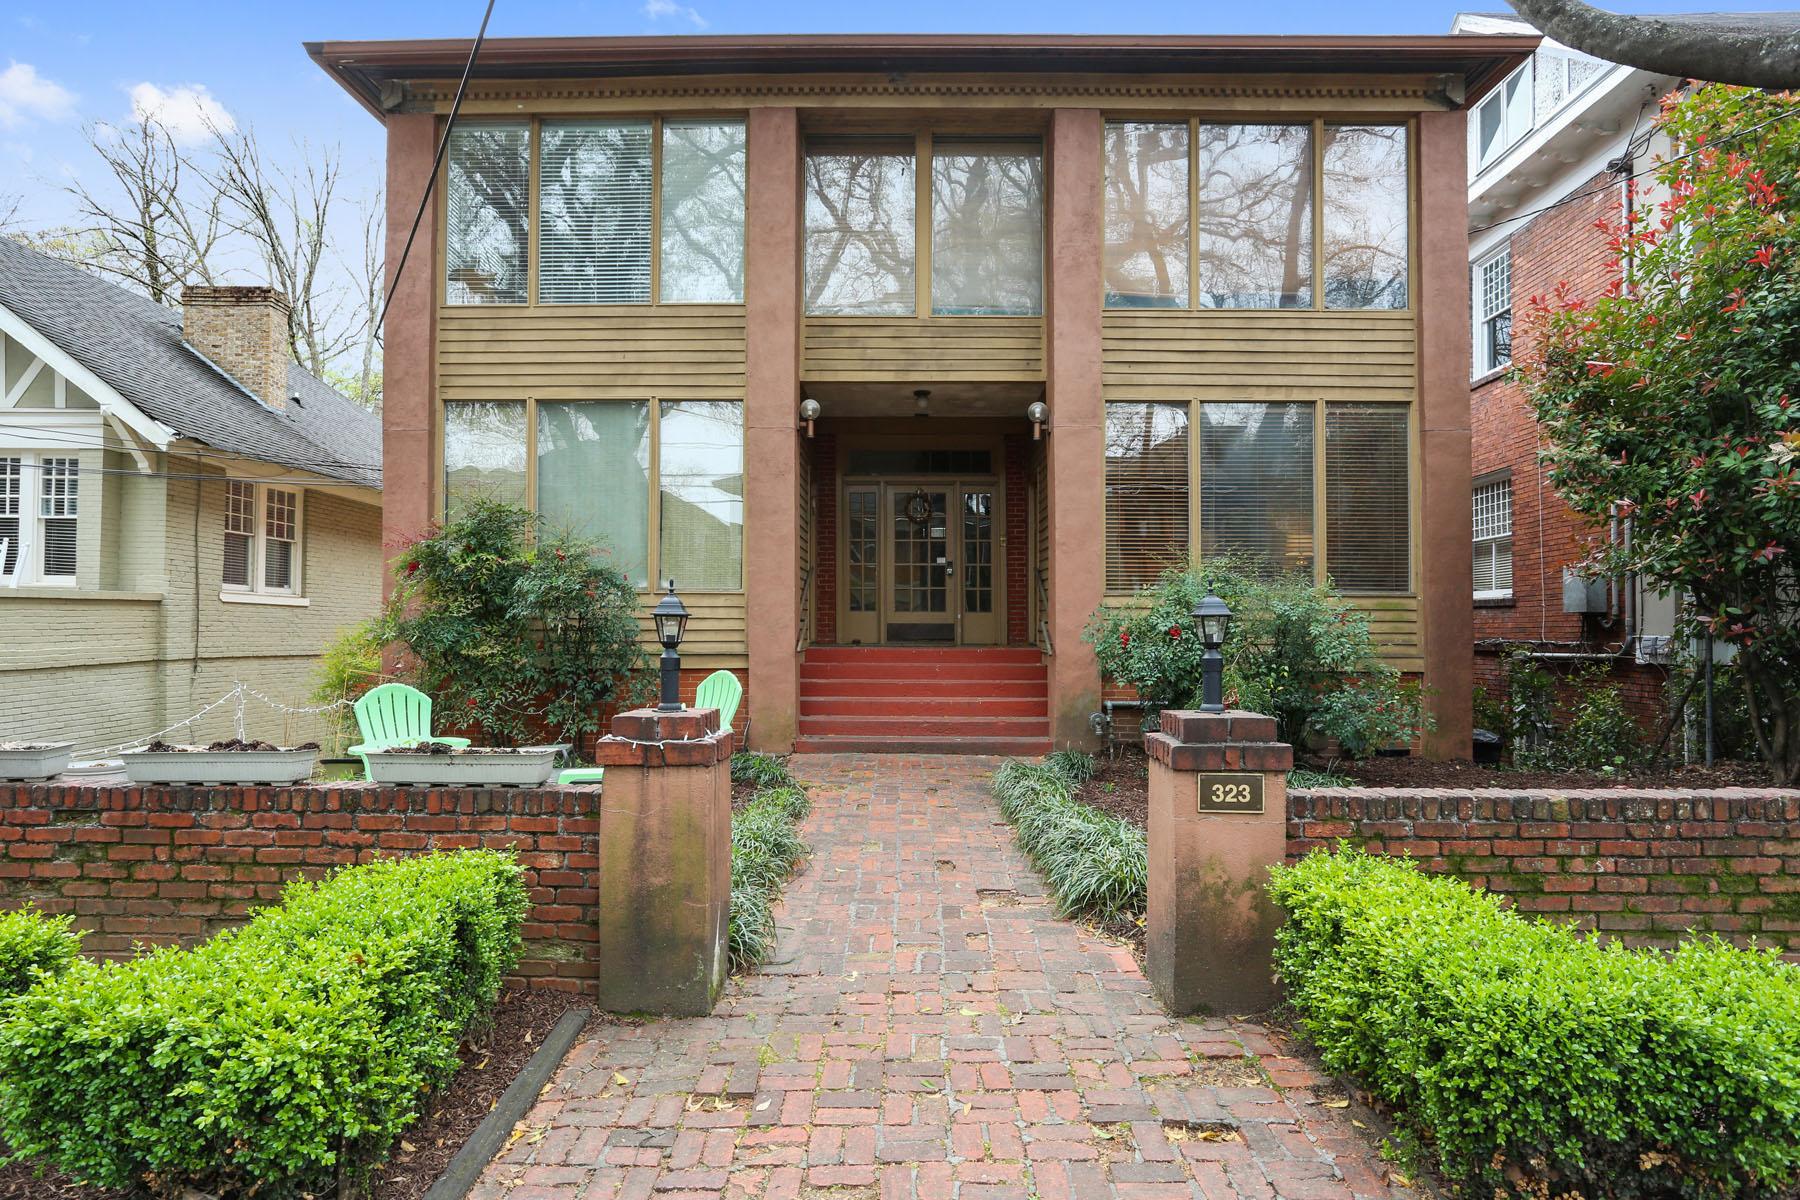 二世帯住宅 のために 売買 アット Fully Leased Apartment Building in Midtown 323 4th St Midtown, Atlanta, ジョージア, 30308 アメリカ合衆国